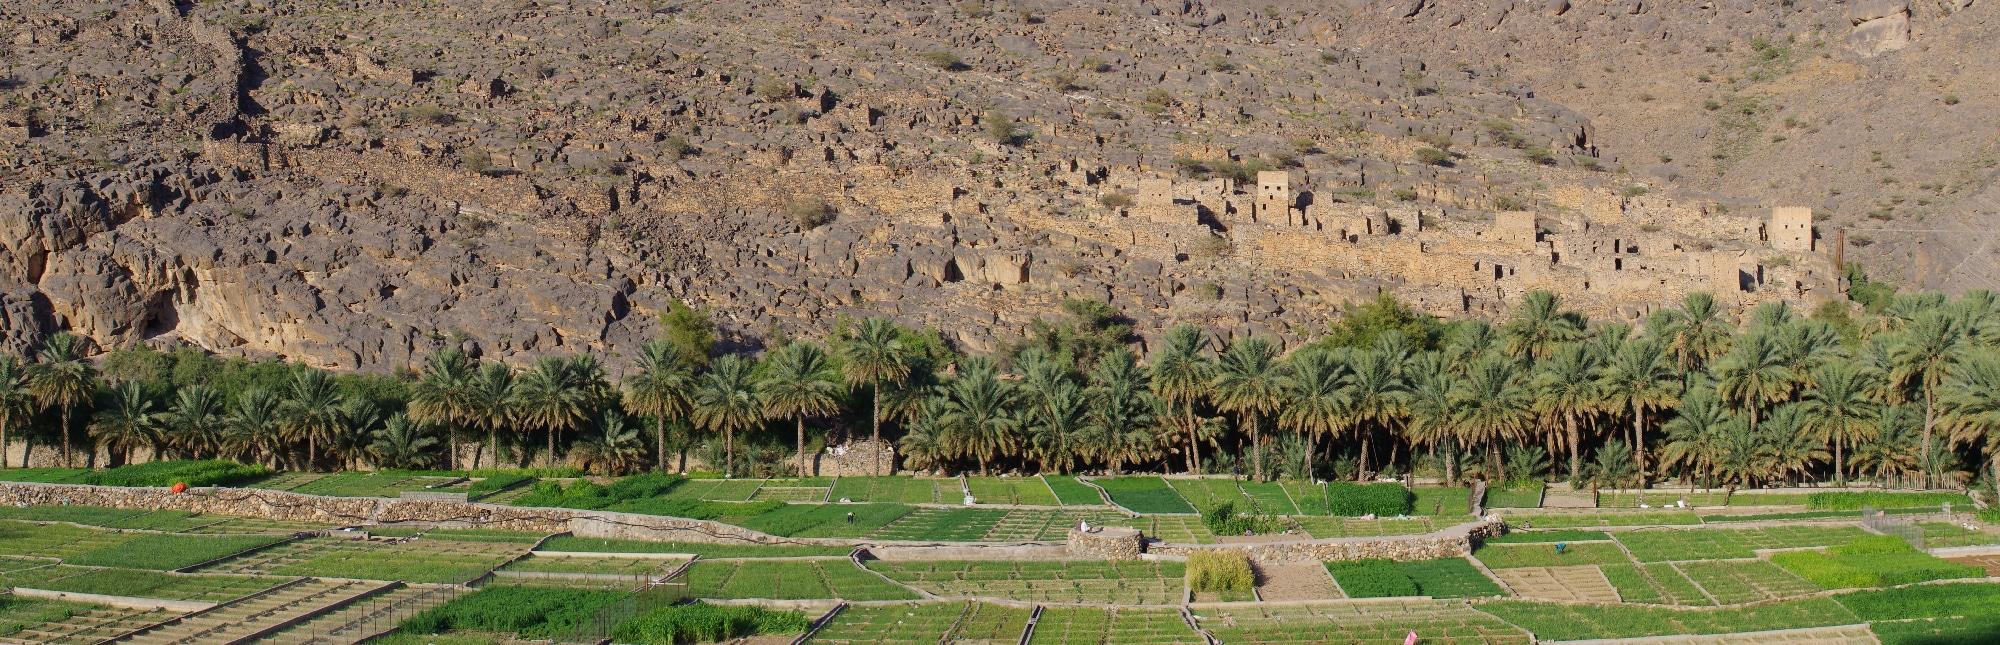 L'ancien village de Ghul et les cultures maraîchères.